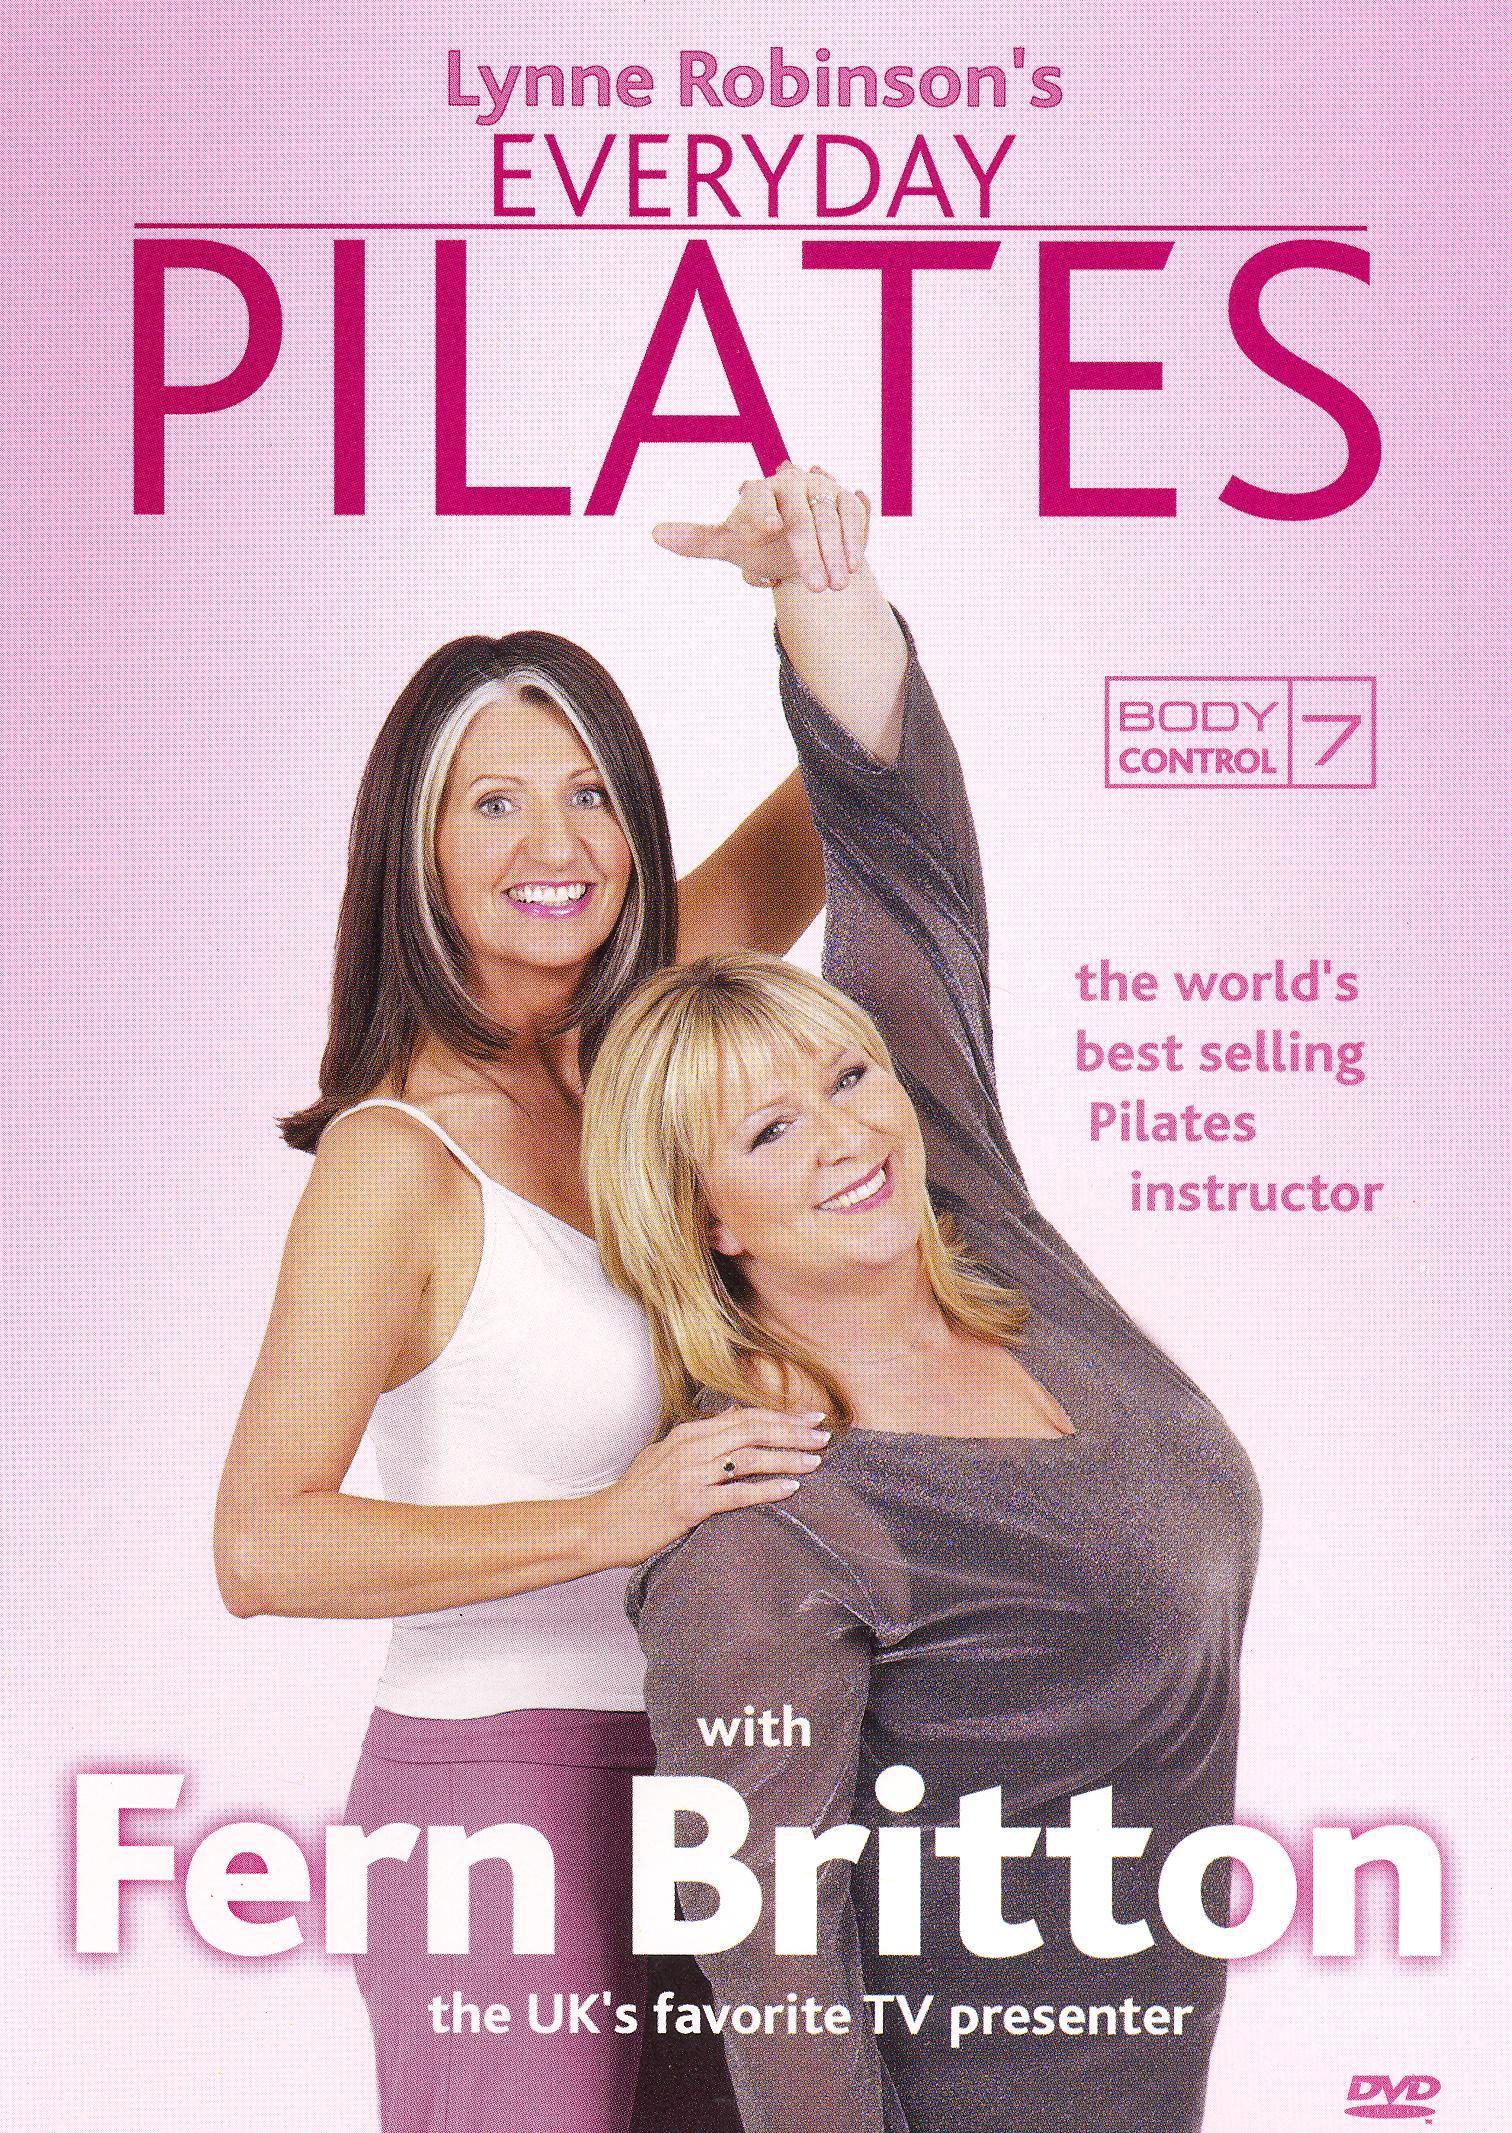 Lynne Robinson: Body Control 7 - Everyday Pilates